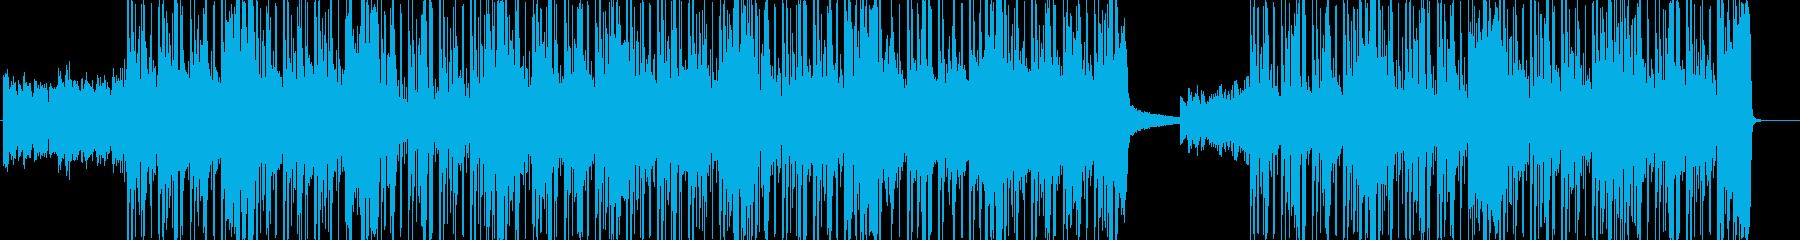 ラップとオーケストラの壮大なシンセ...の再生済みの波形